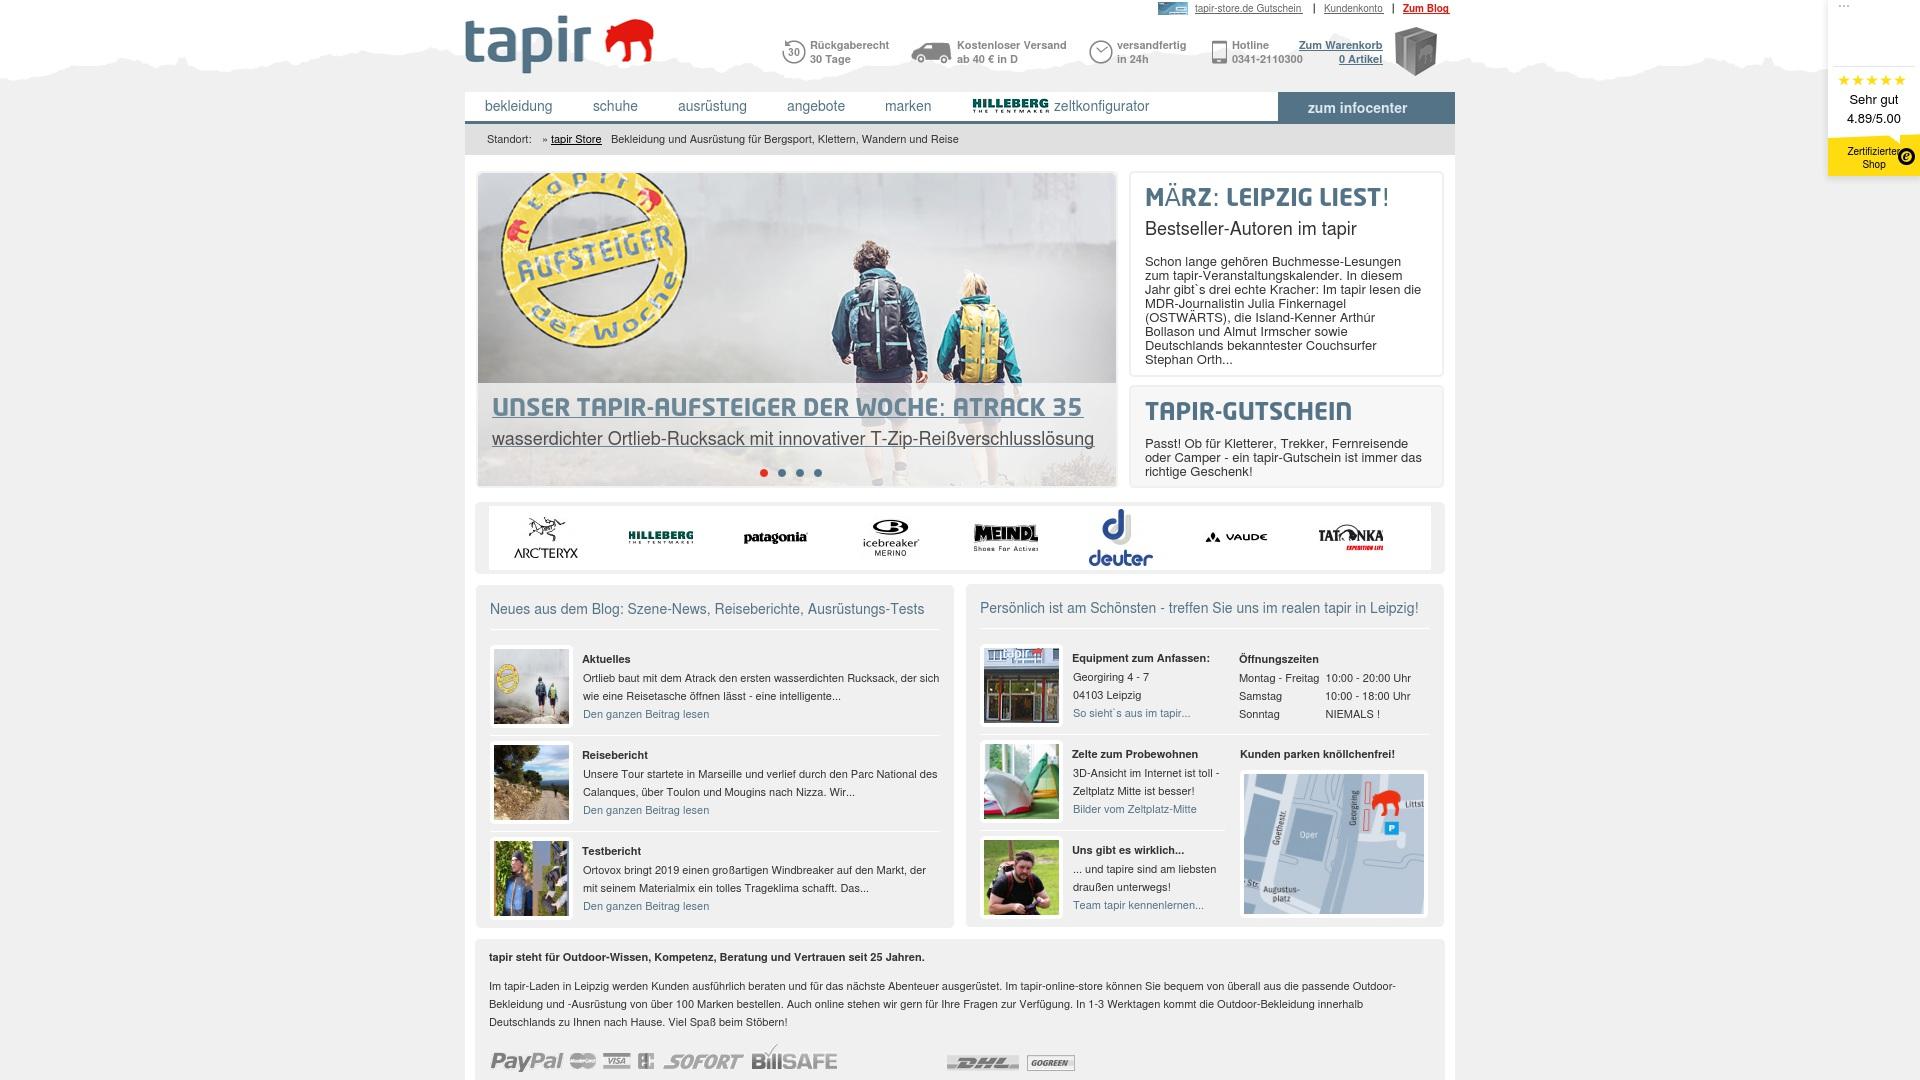 Gutschein für Tapir-store: Rabatte für  Tapir-store sichern